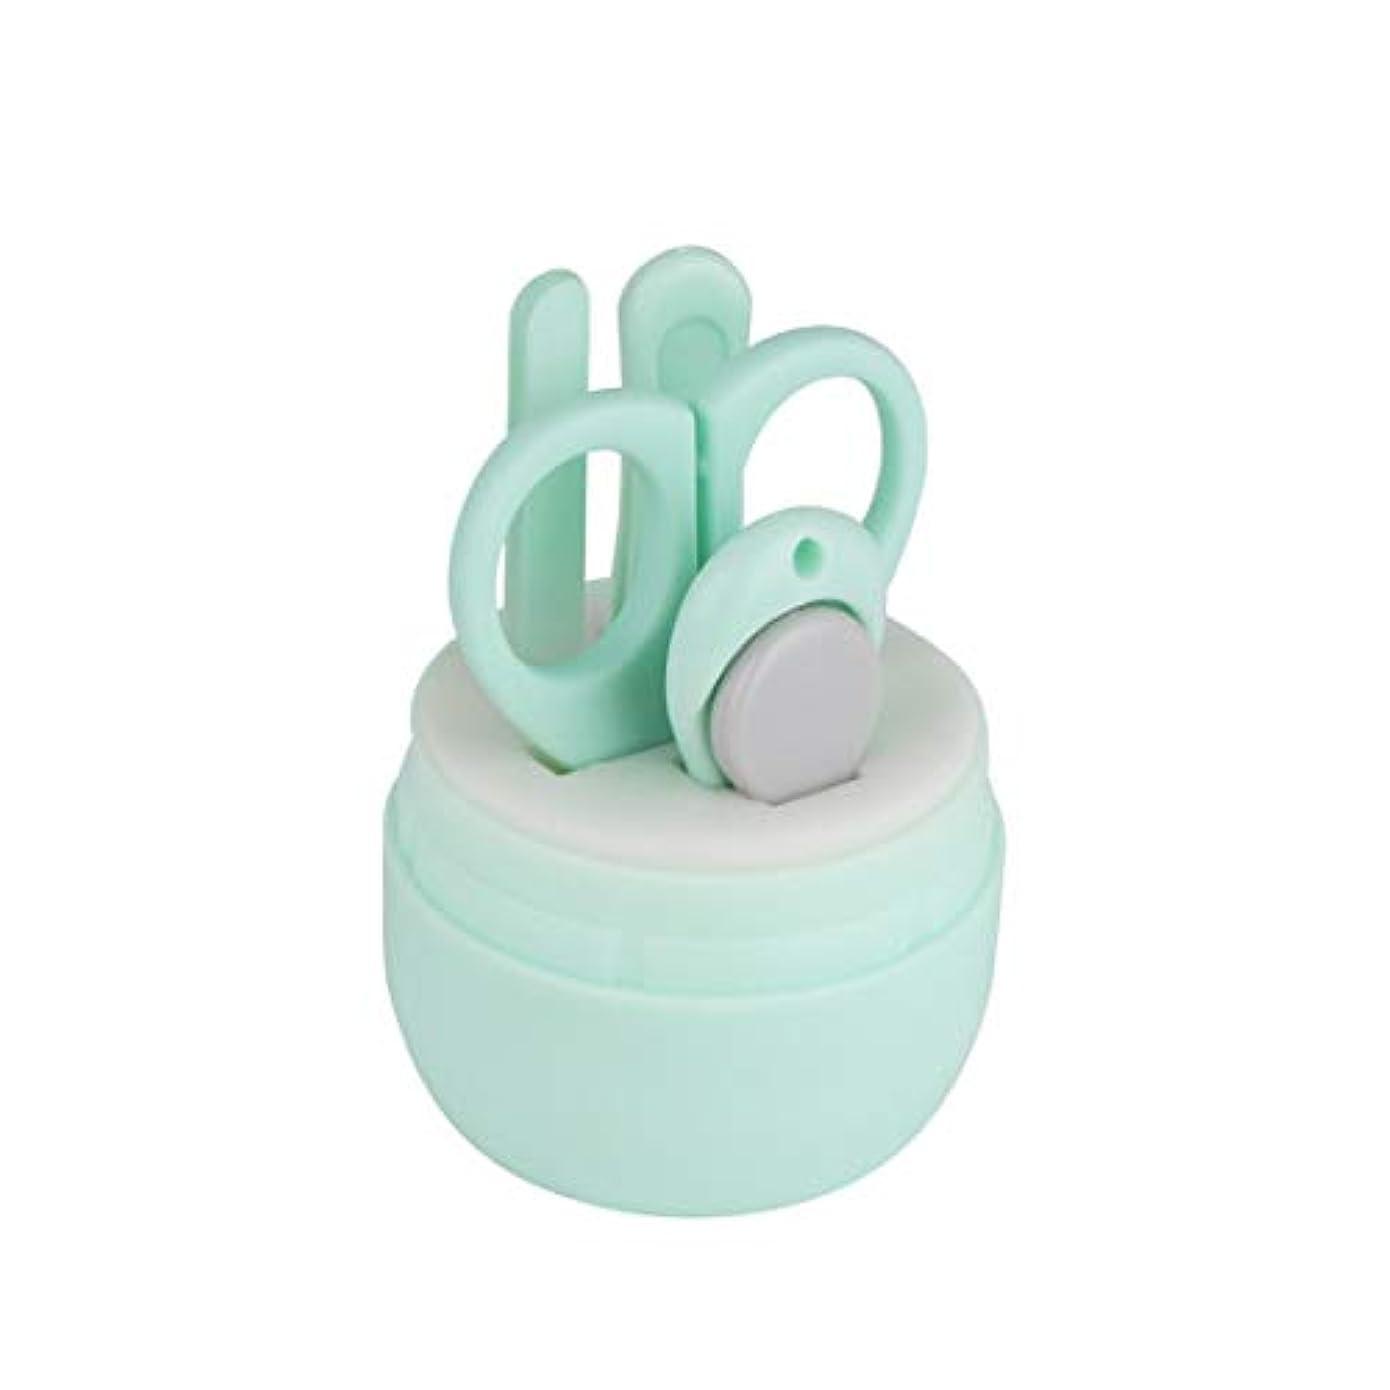 文献納得させる優れましたJiaoran 漫画くまの爪切りステンレス鋼の赤ん坊の釘用具セット赤ん坊の美用具セット4赤ん坊のマニキュア用具、各パックのための1 (Color : Green)